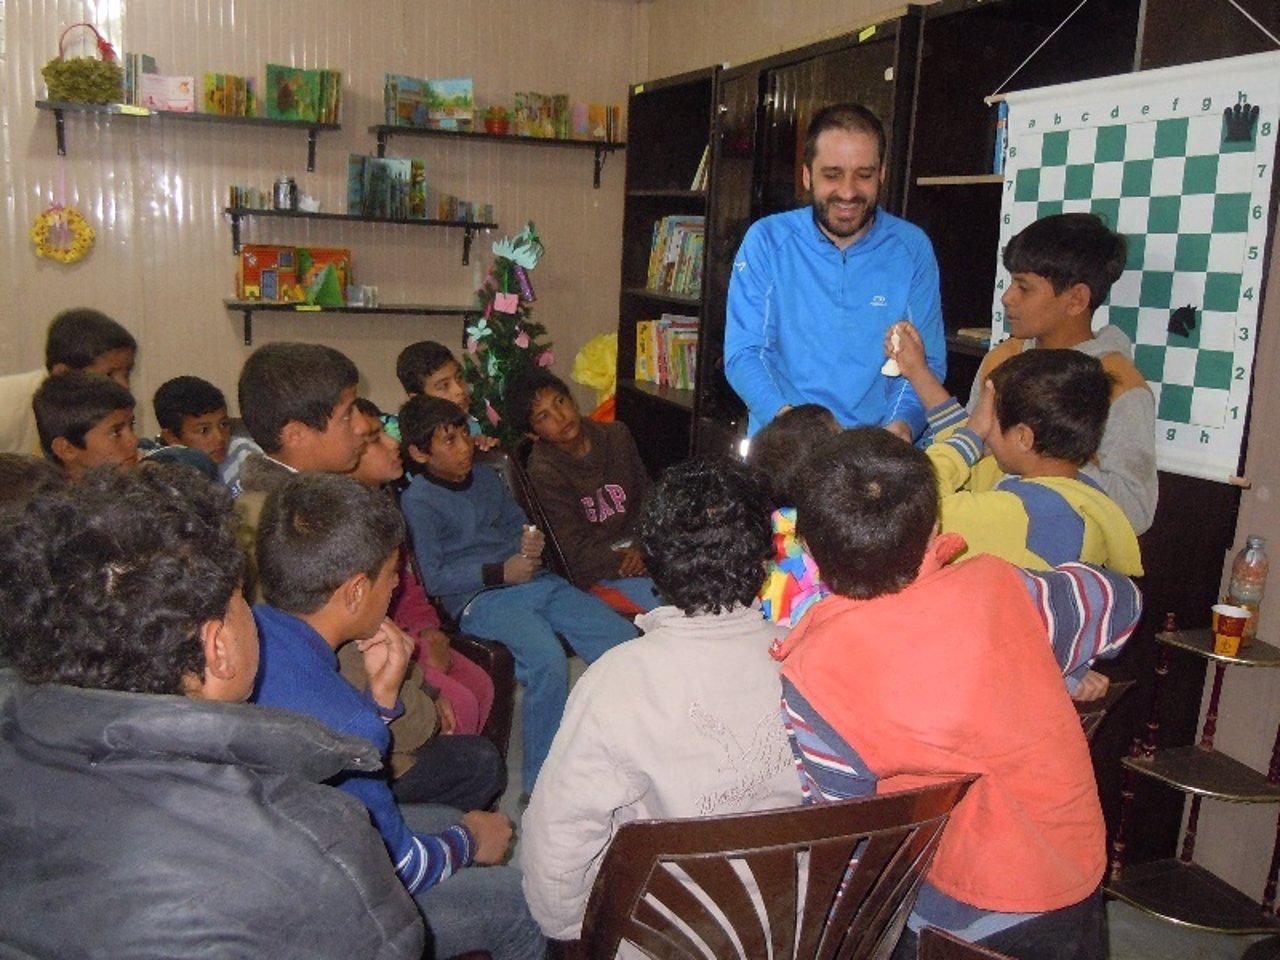 El maestro internacional Pablo Garcia dando clases a niños refugiados sirios